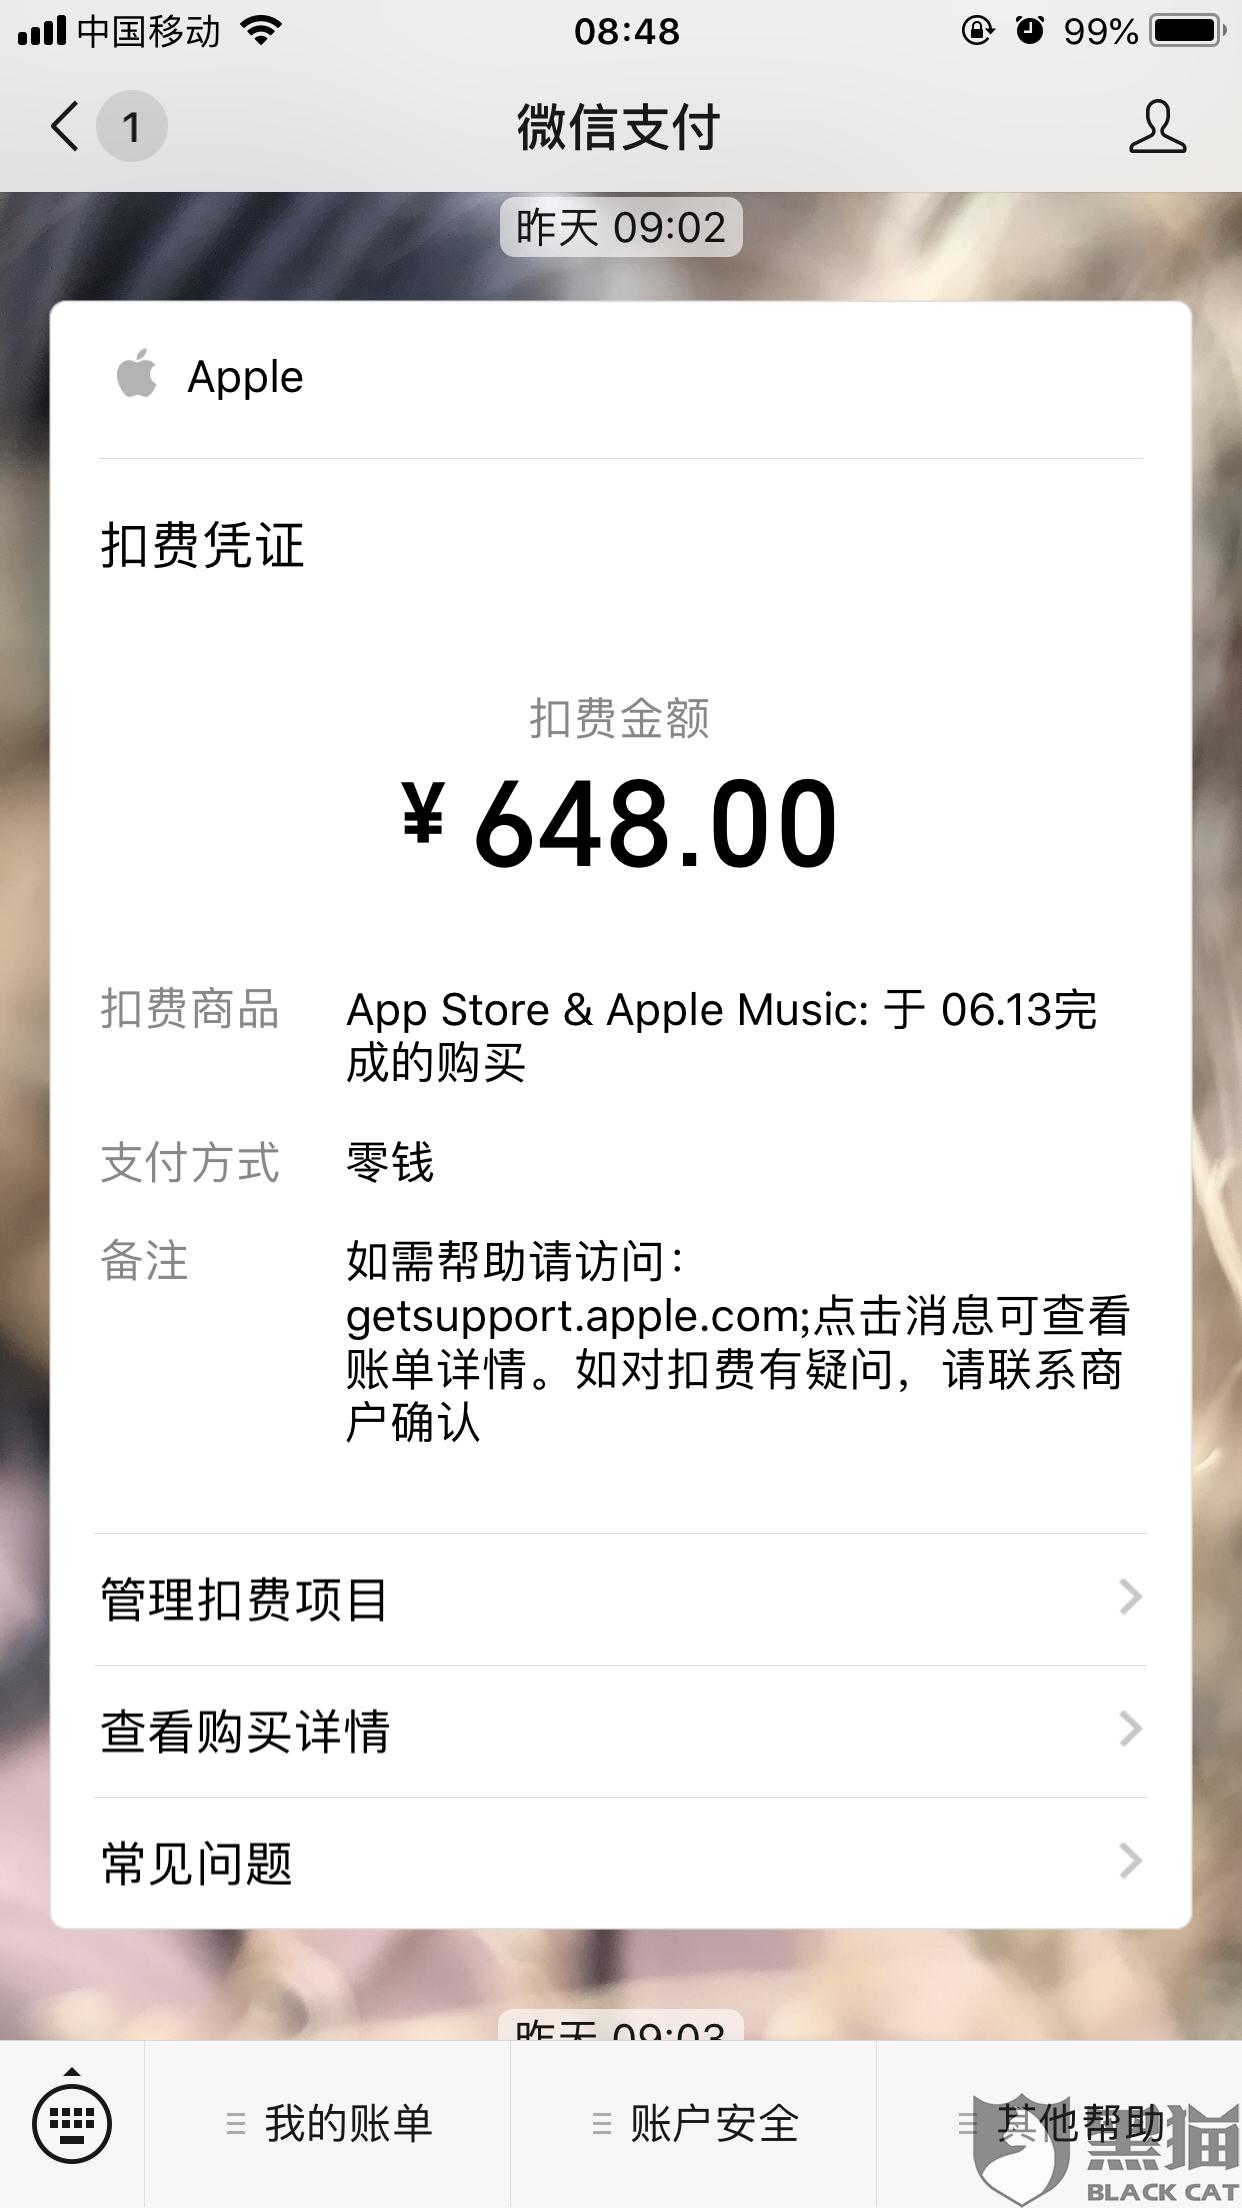 黑猫投诉:我的苹果ID被人盗了,然后盗刷